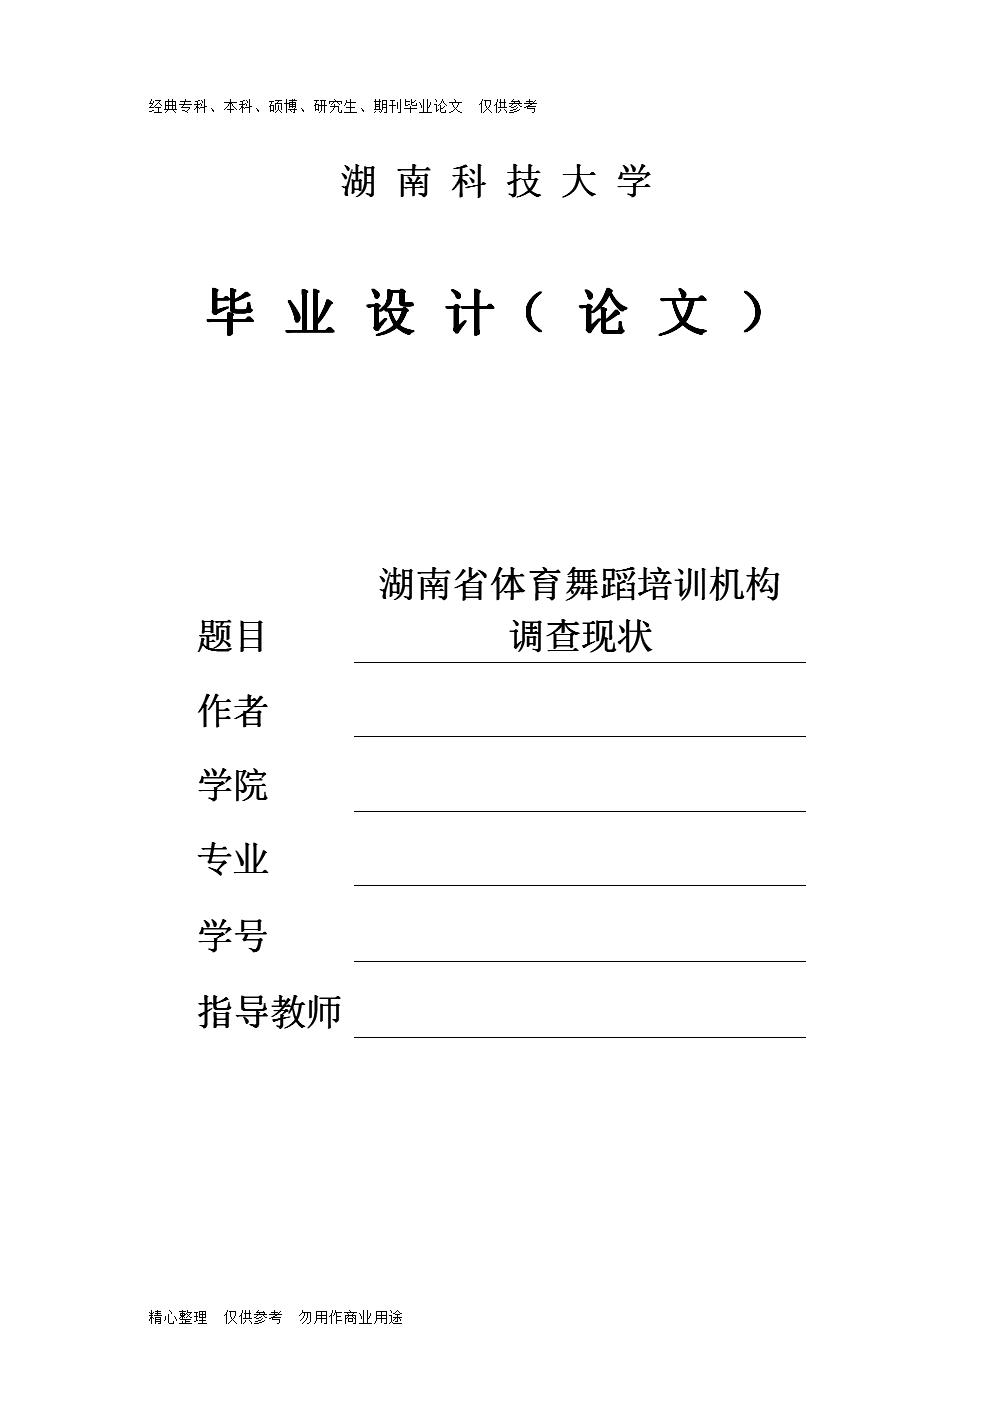 湖南省体育舞蹈培训机构调查现状.docx